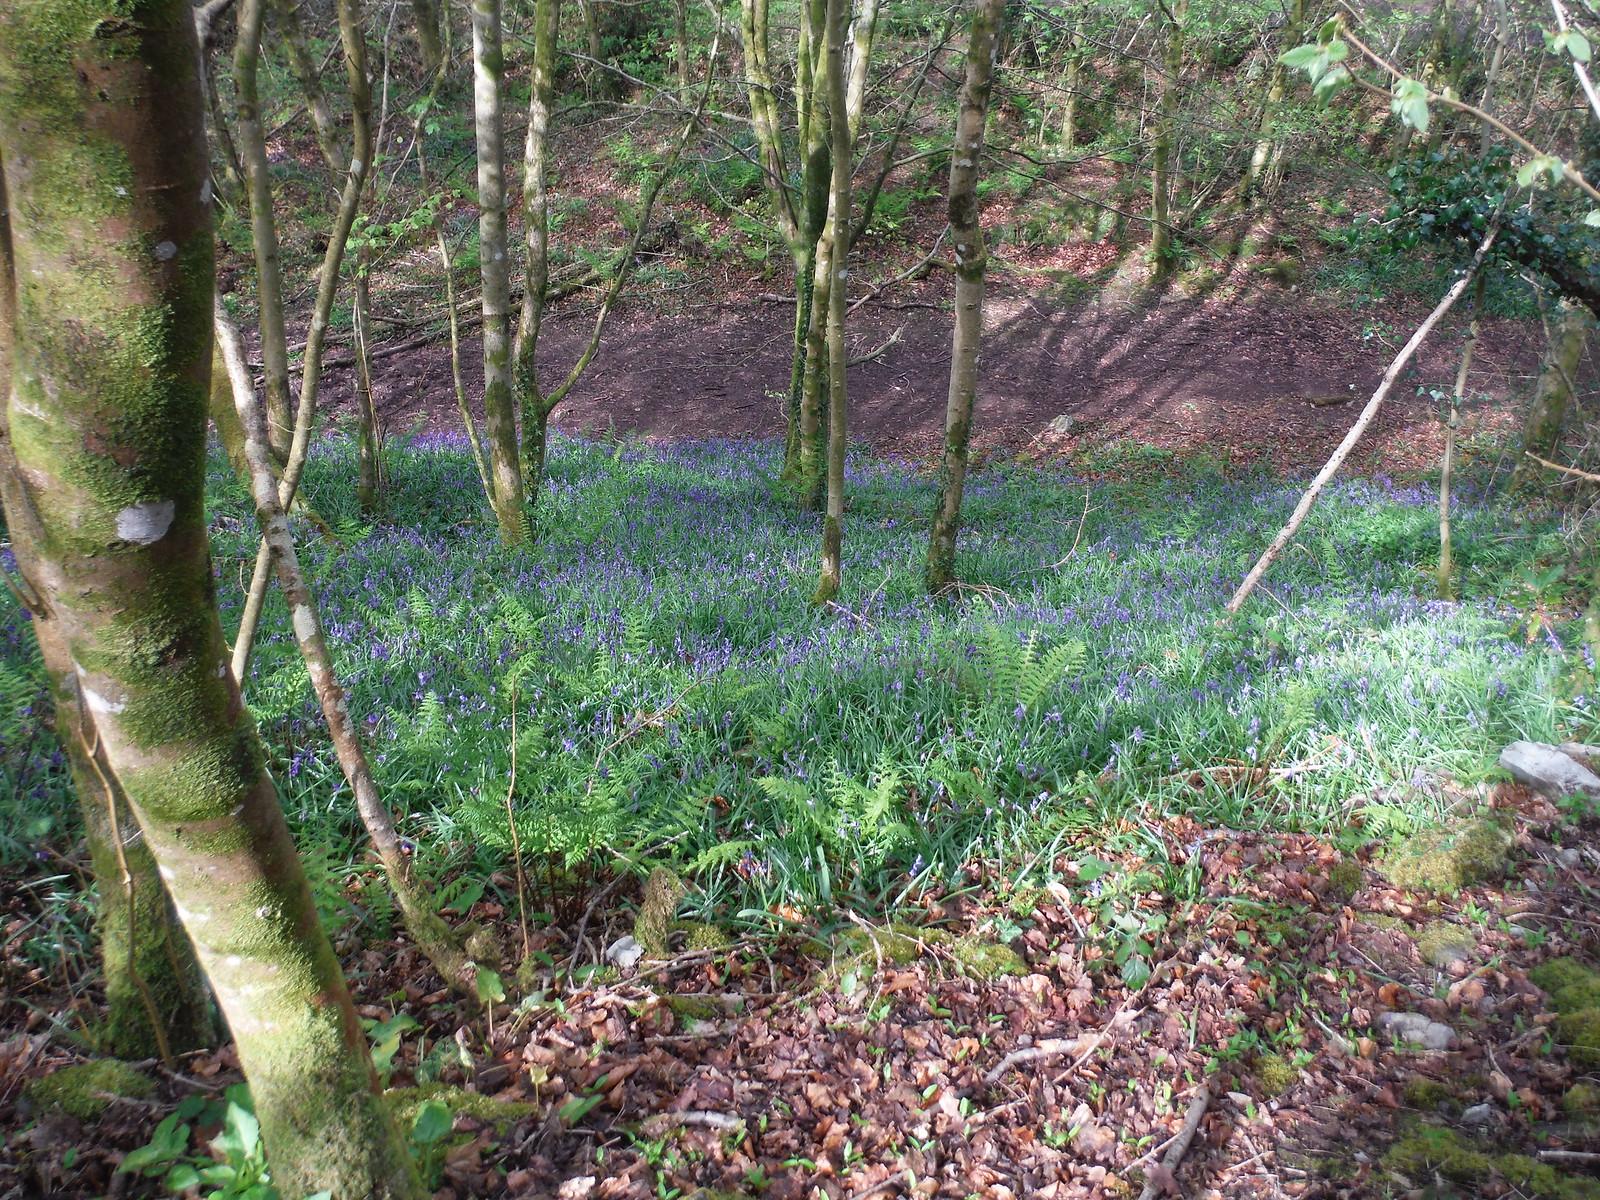 Bluebells in Craig y Nos Country Park SWC Walk 307 - Fforest Fawr Traverse (Craig y Nos to Llwyn-y-celyn)